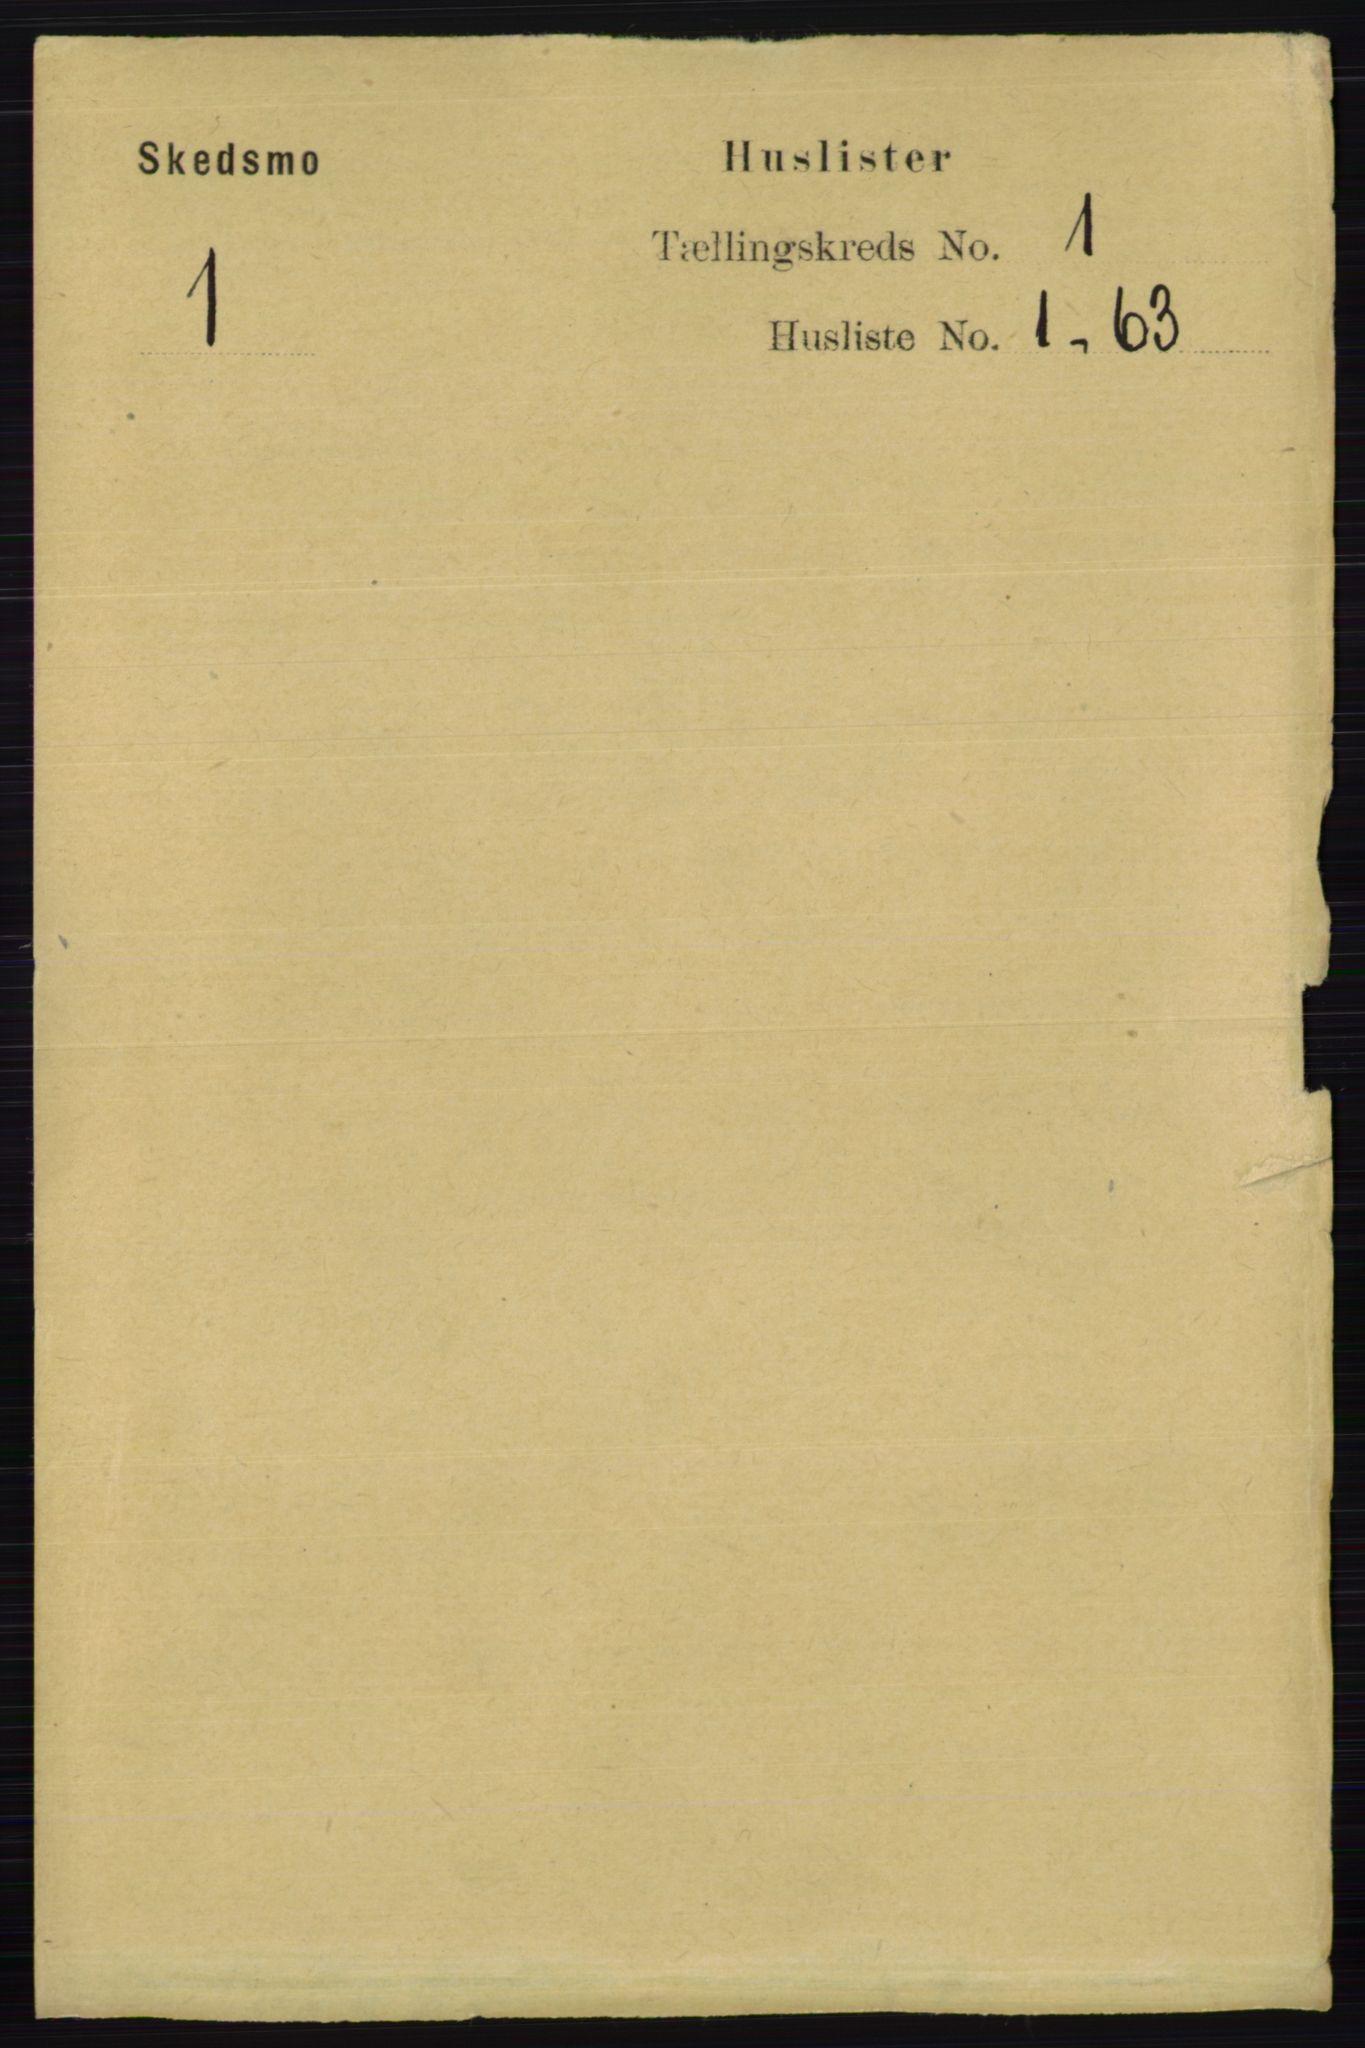 RA, Folketelling 1891 for 0231 Skedsmo herred, 1891, s. 29